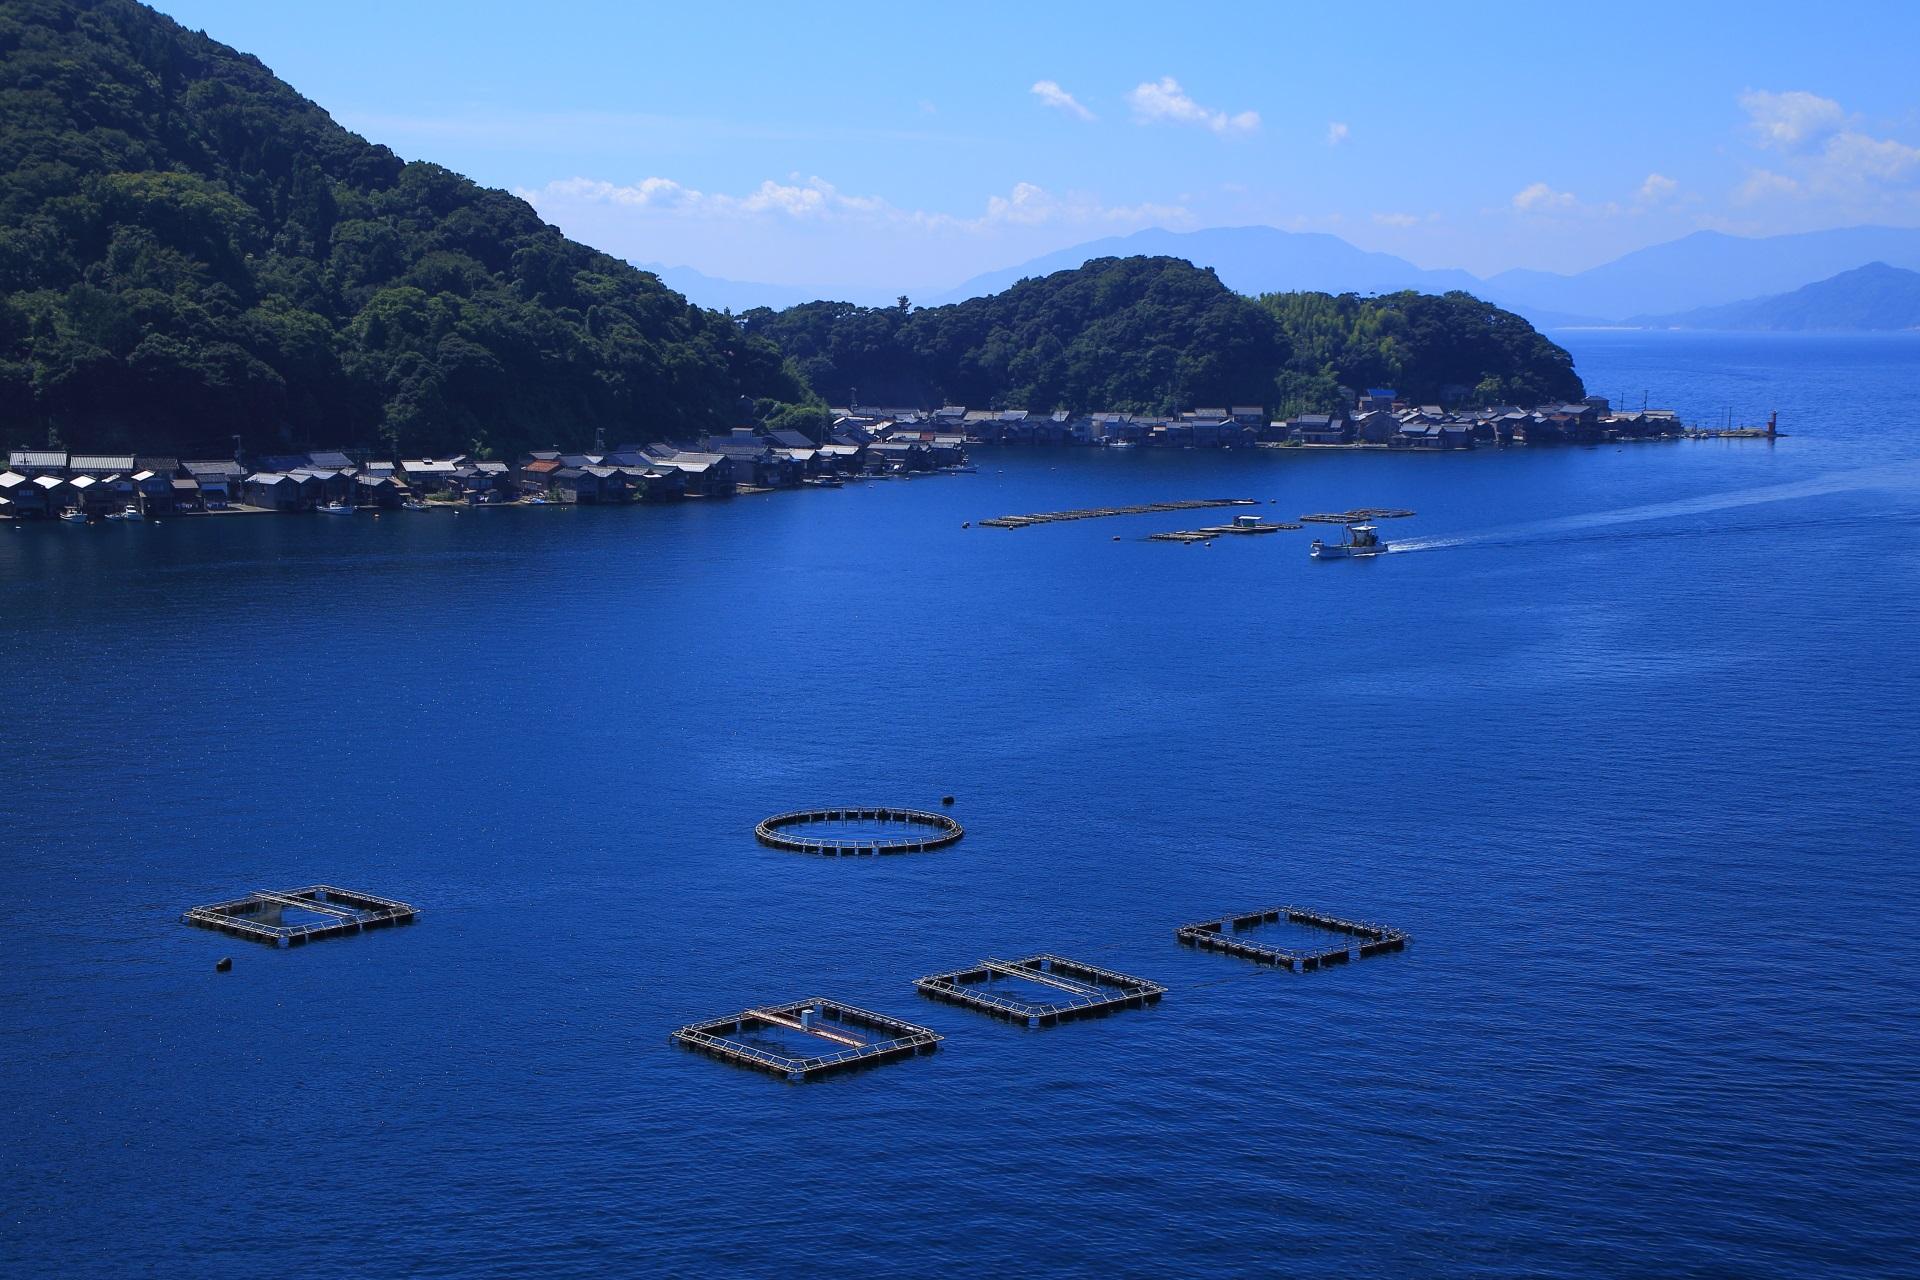 伊根湾東側の美しい海と山々に囲まれた海面に建ち並ぶ舟屋